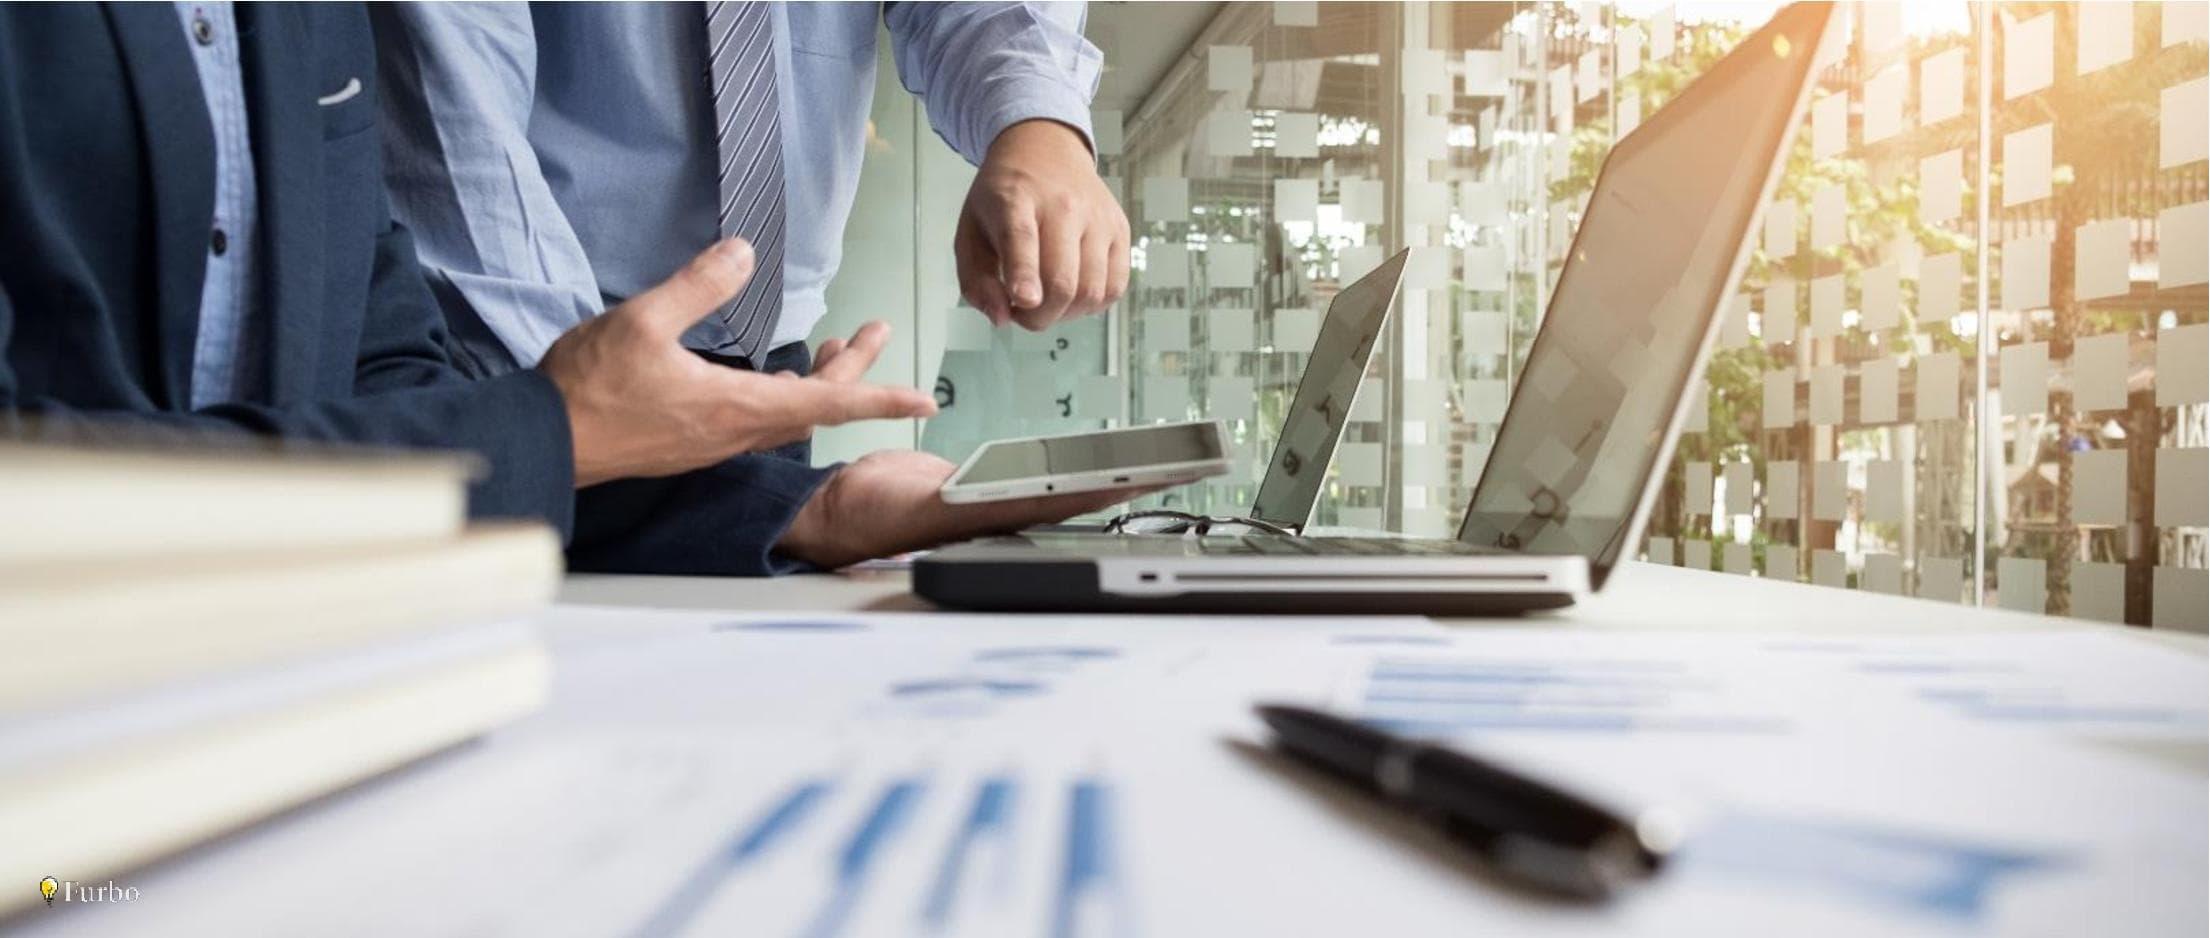 استراتژی راهاندازی سایت بر پایه سیستم همکاری در فروش